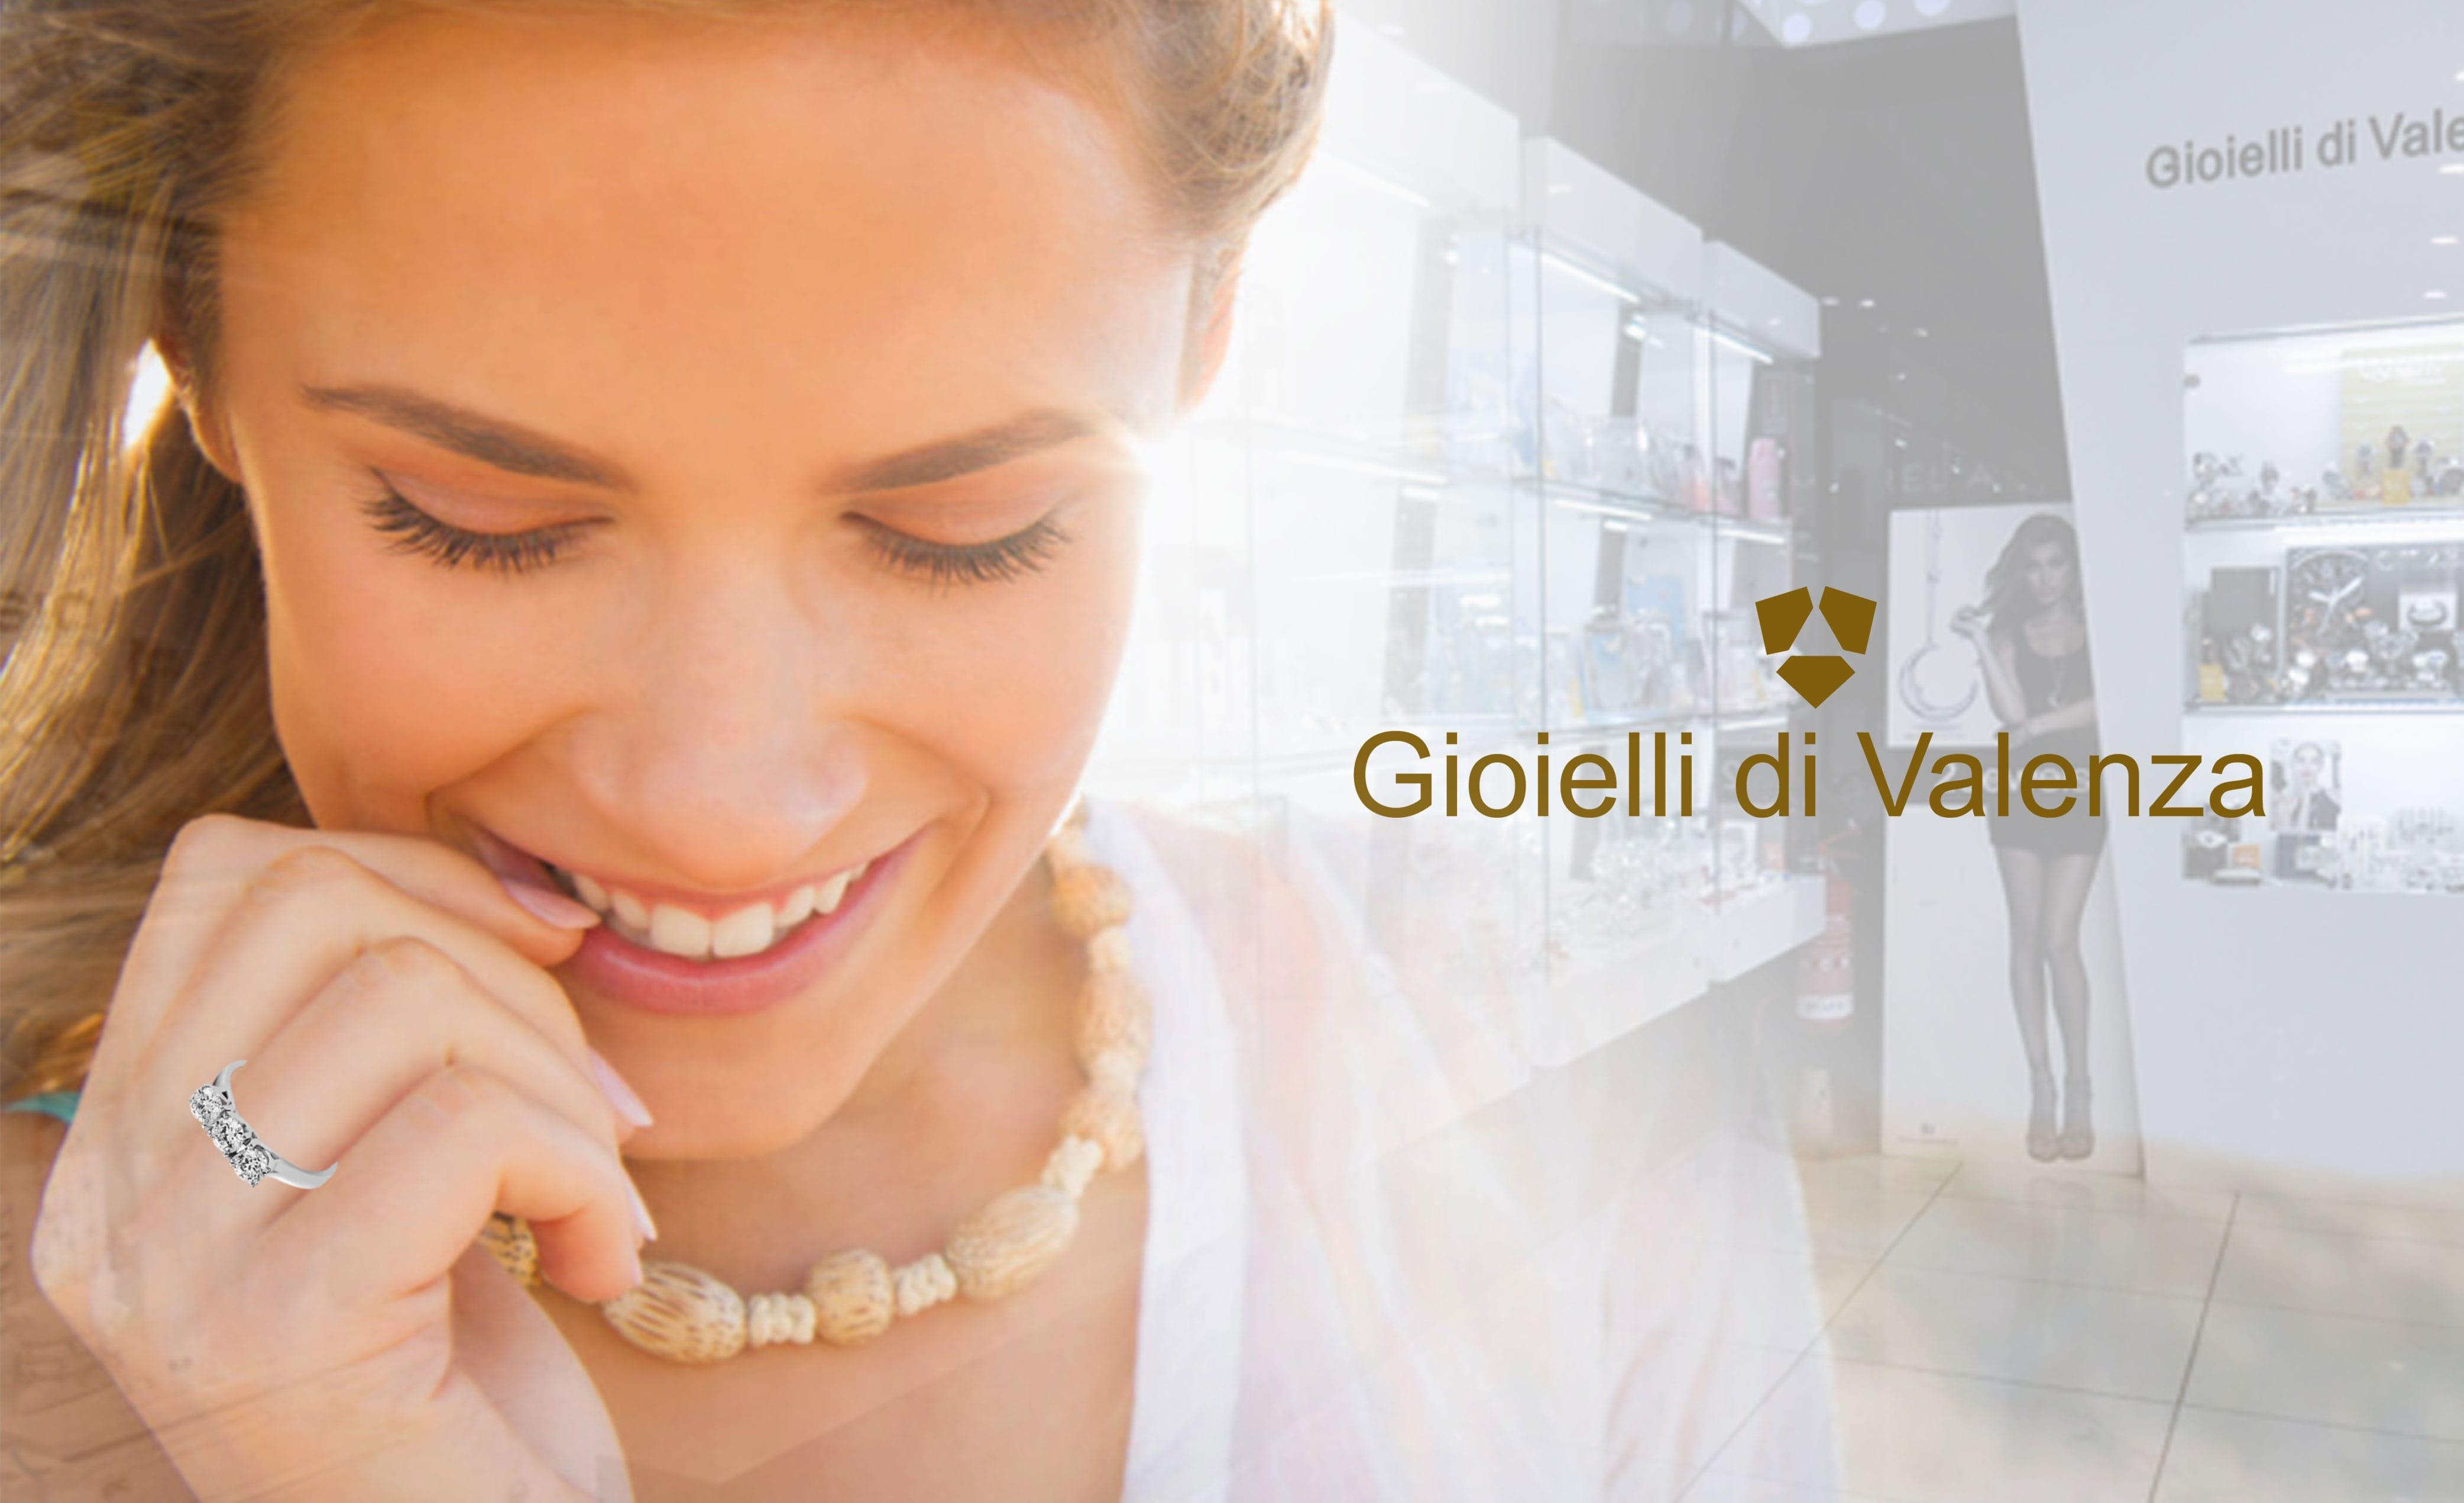 Il lusso personalizzato: la storia di Gioielli di Valenza